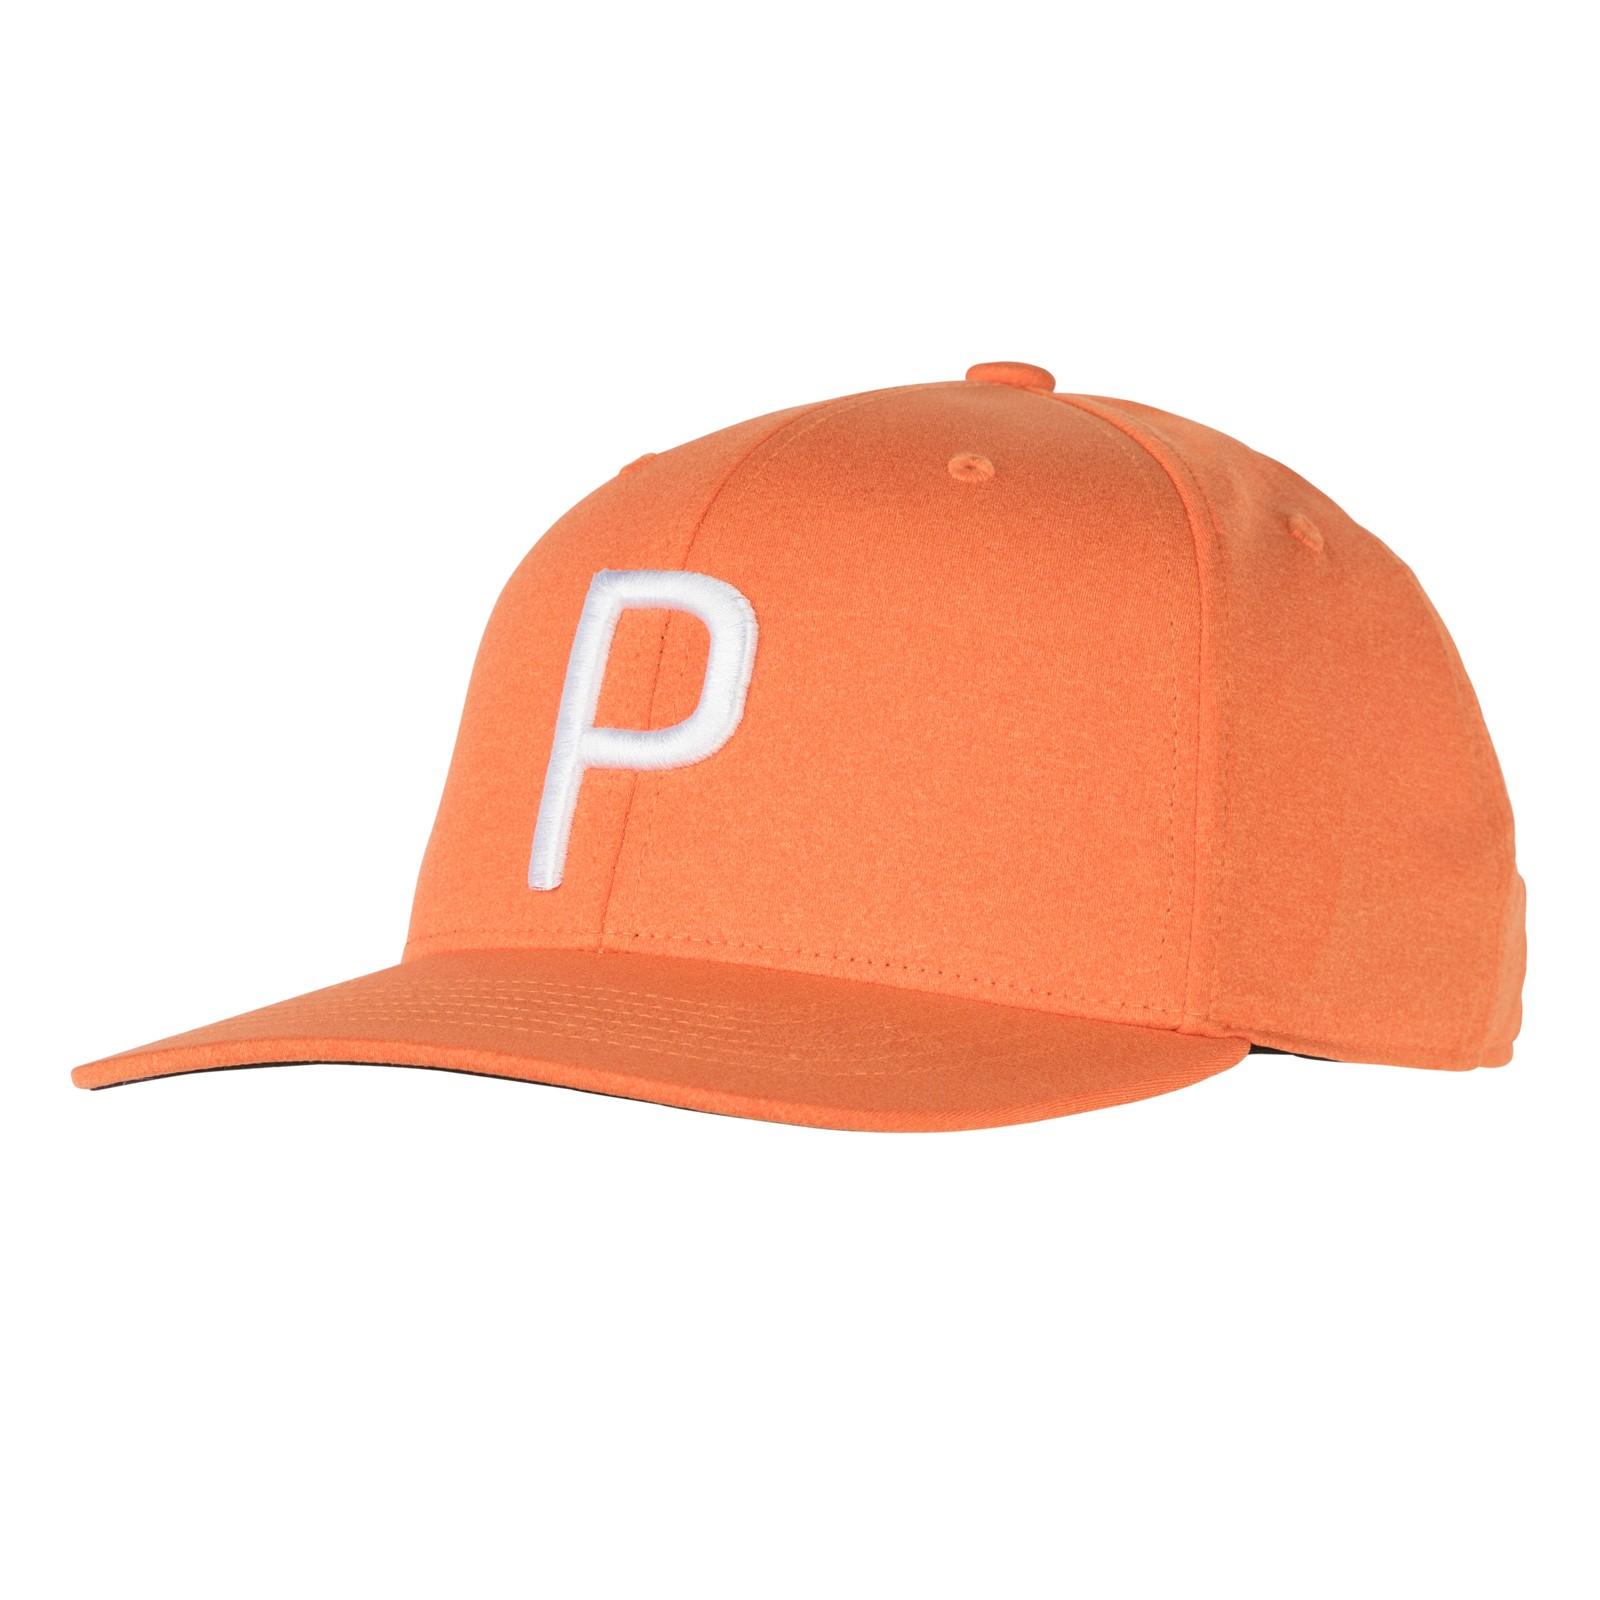 e646092d891d35 Puma P Snapback Junior Caps